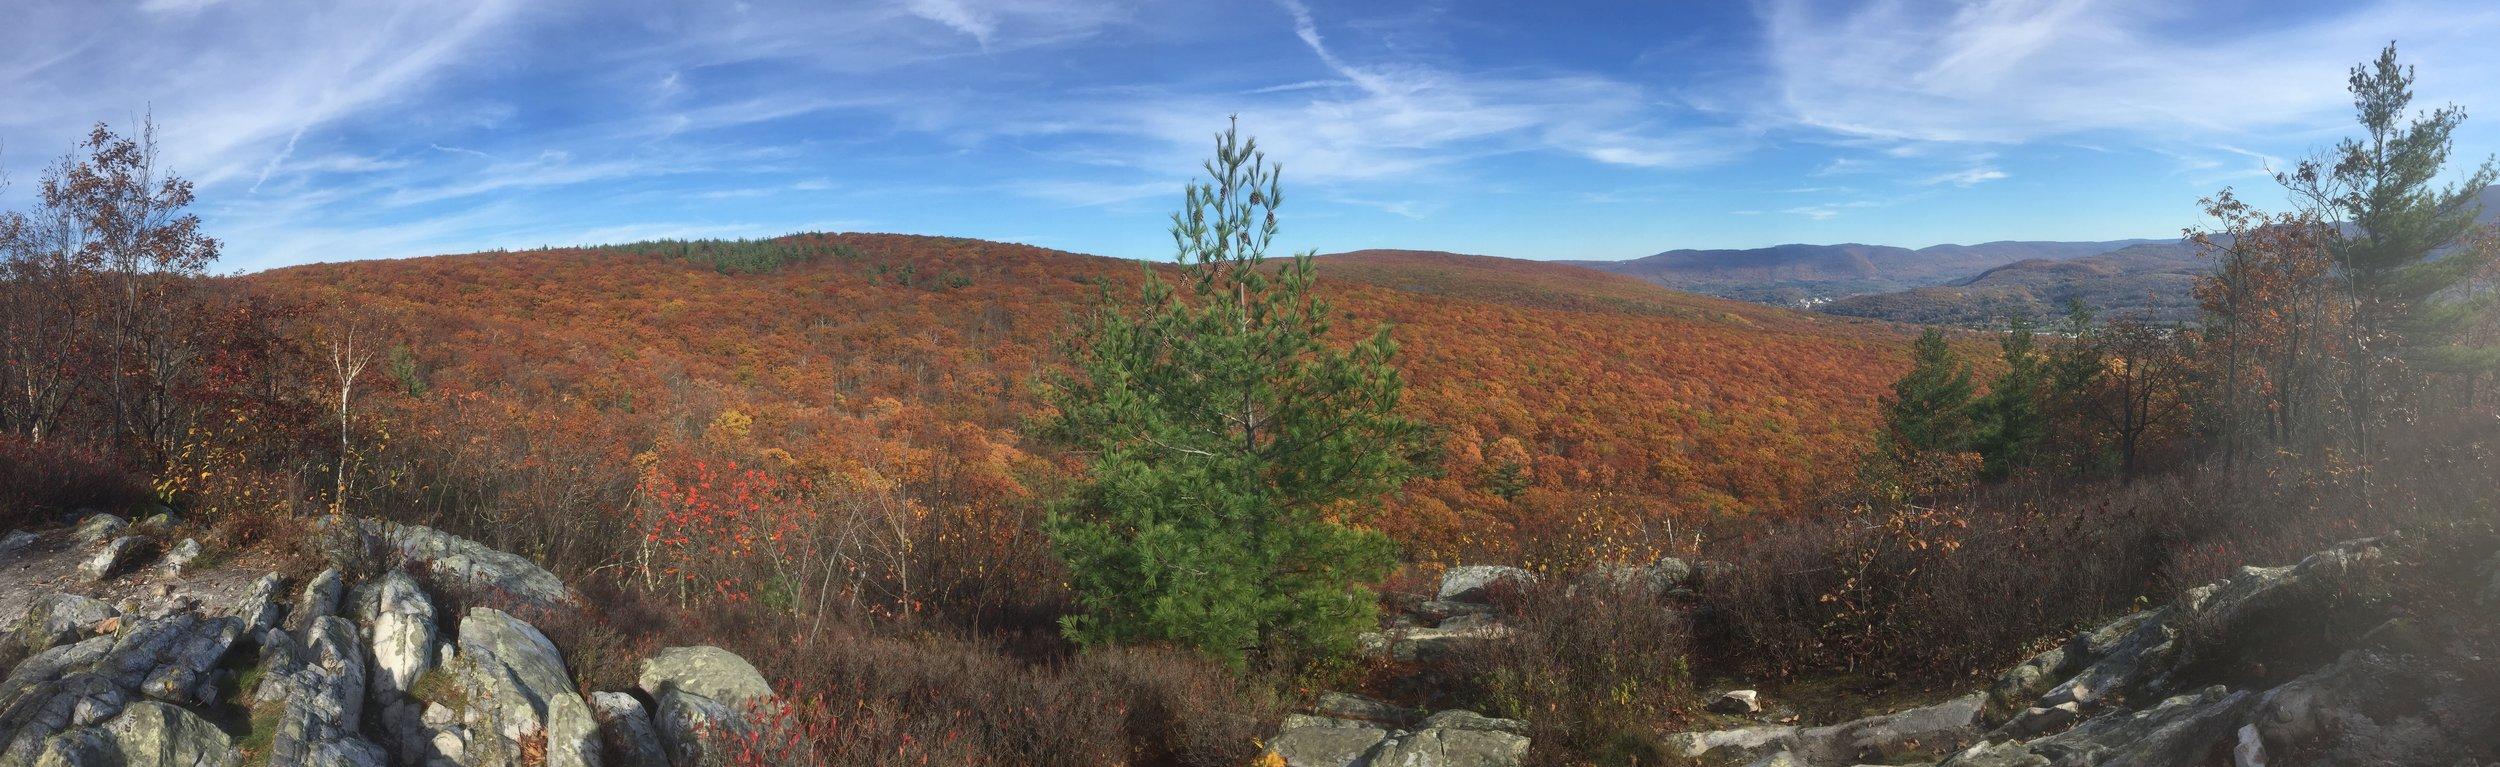 mountains, fall